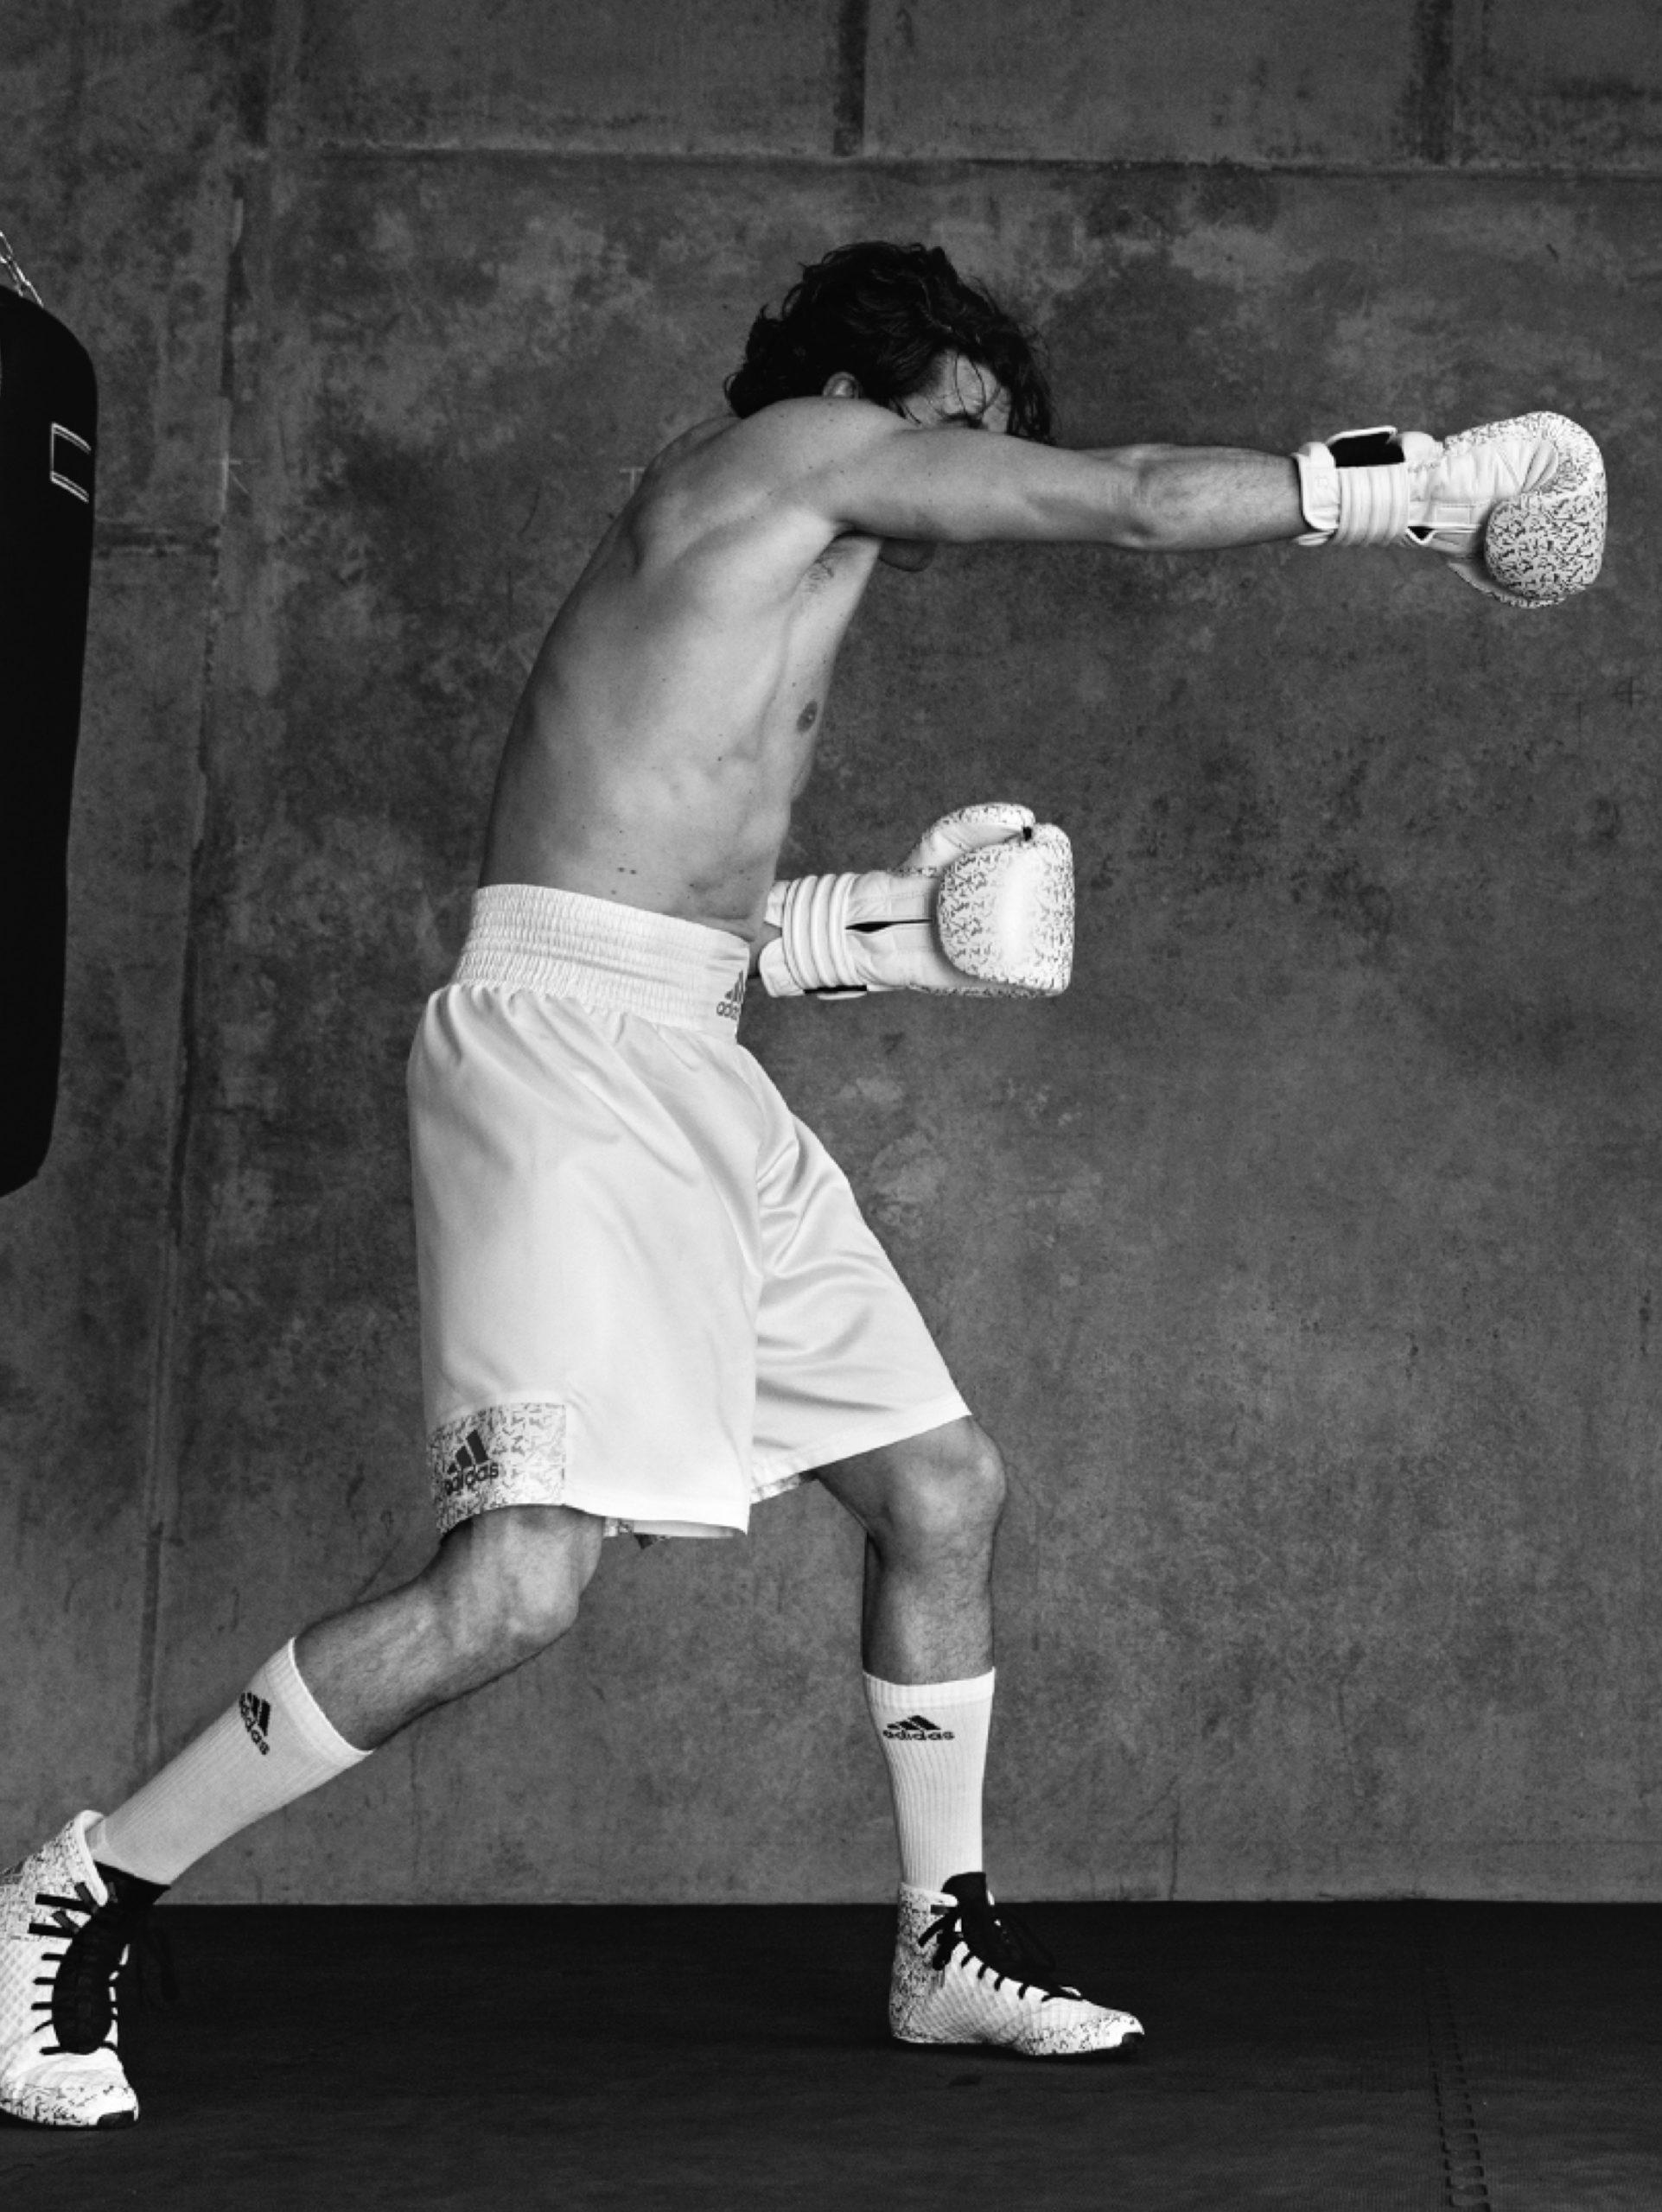 pascher-heinz-adidas-boxing-visual-01